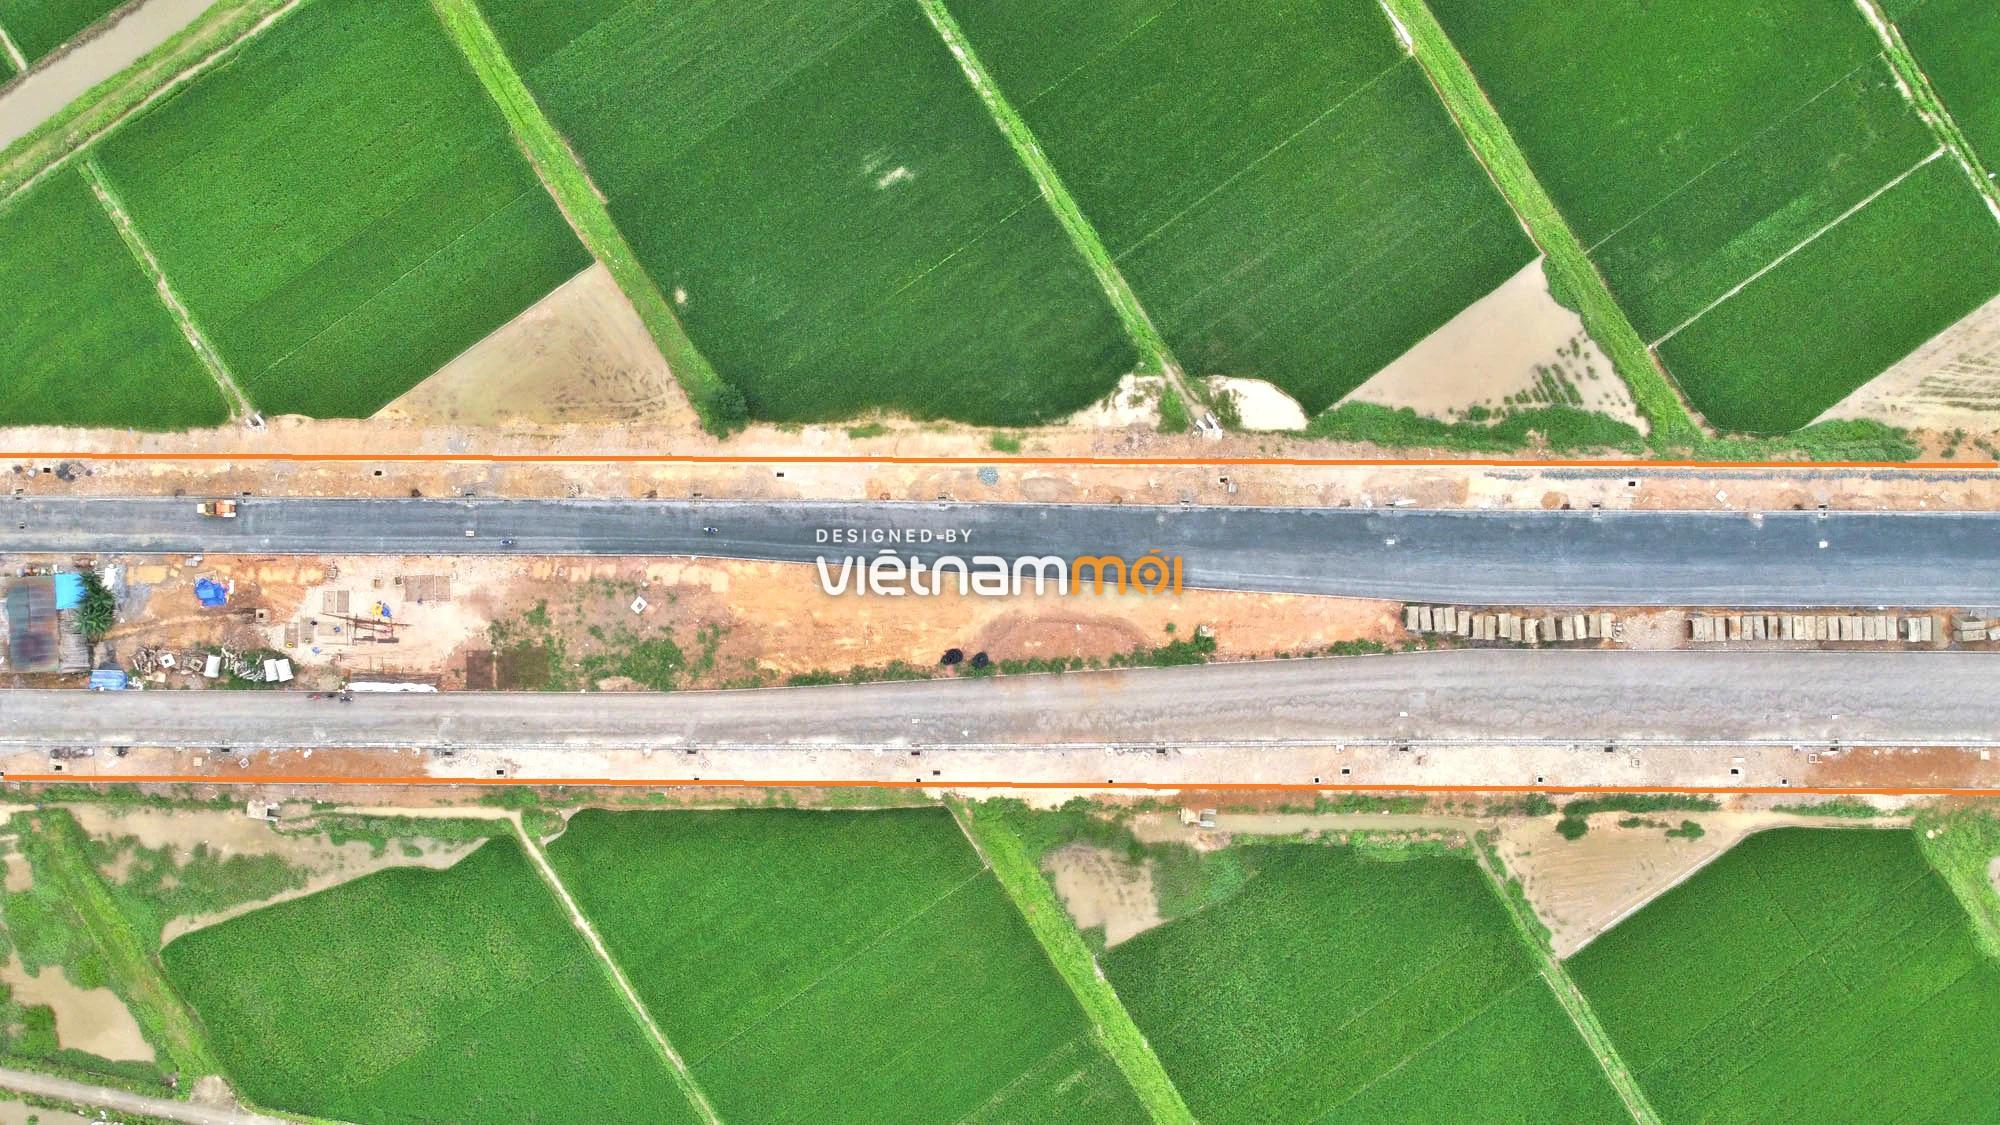 Toàn cảnh đường trục chính Bắc - Nam KĐT Quốc Oai kéo dài đang mở theo quy hoạch ở Hà Nội - Ảnh 3.